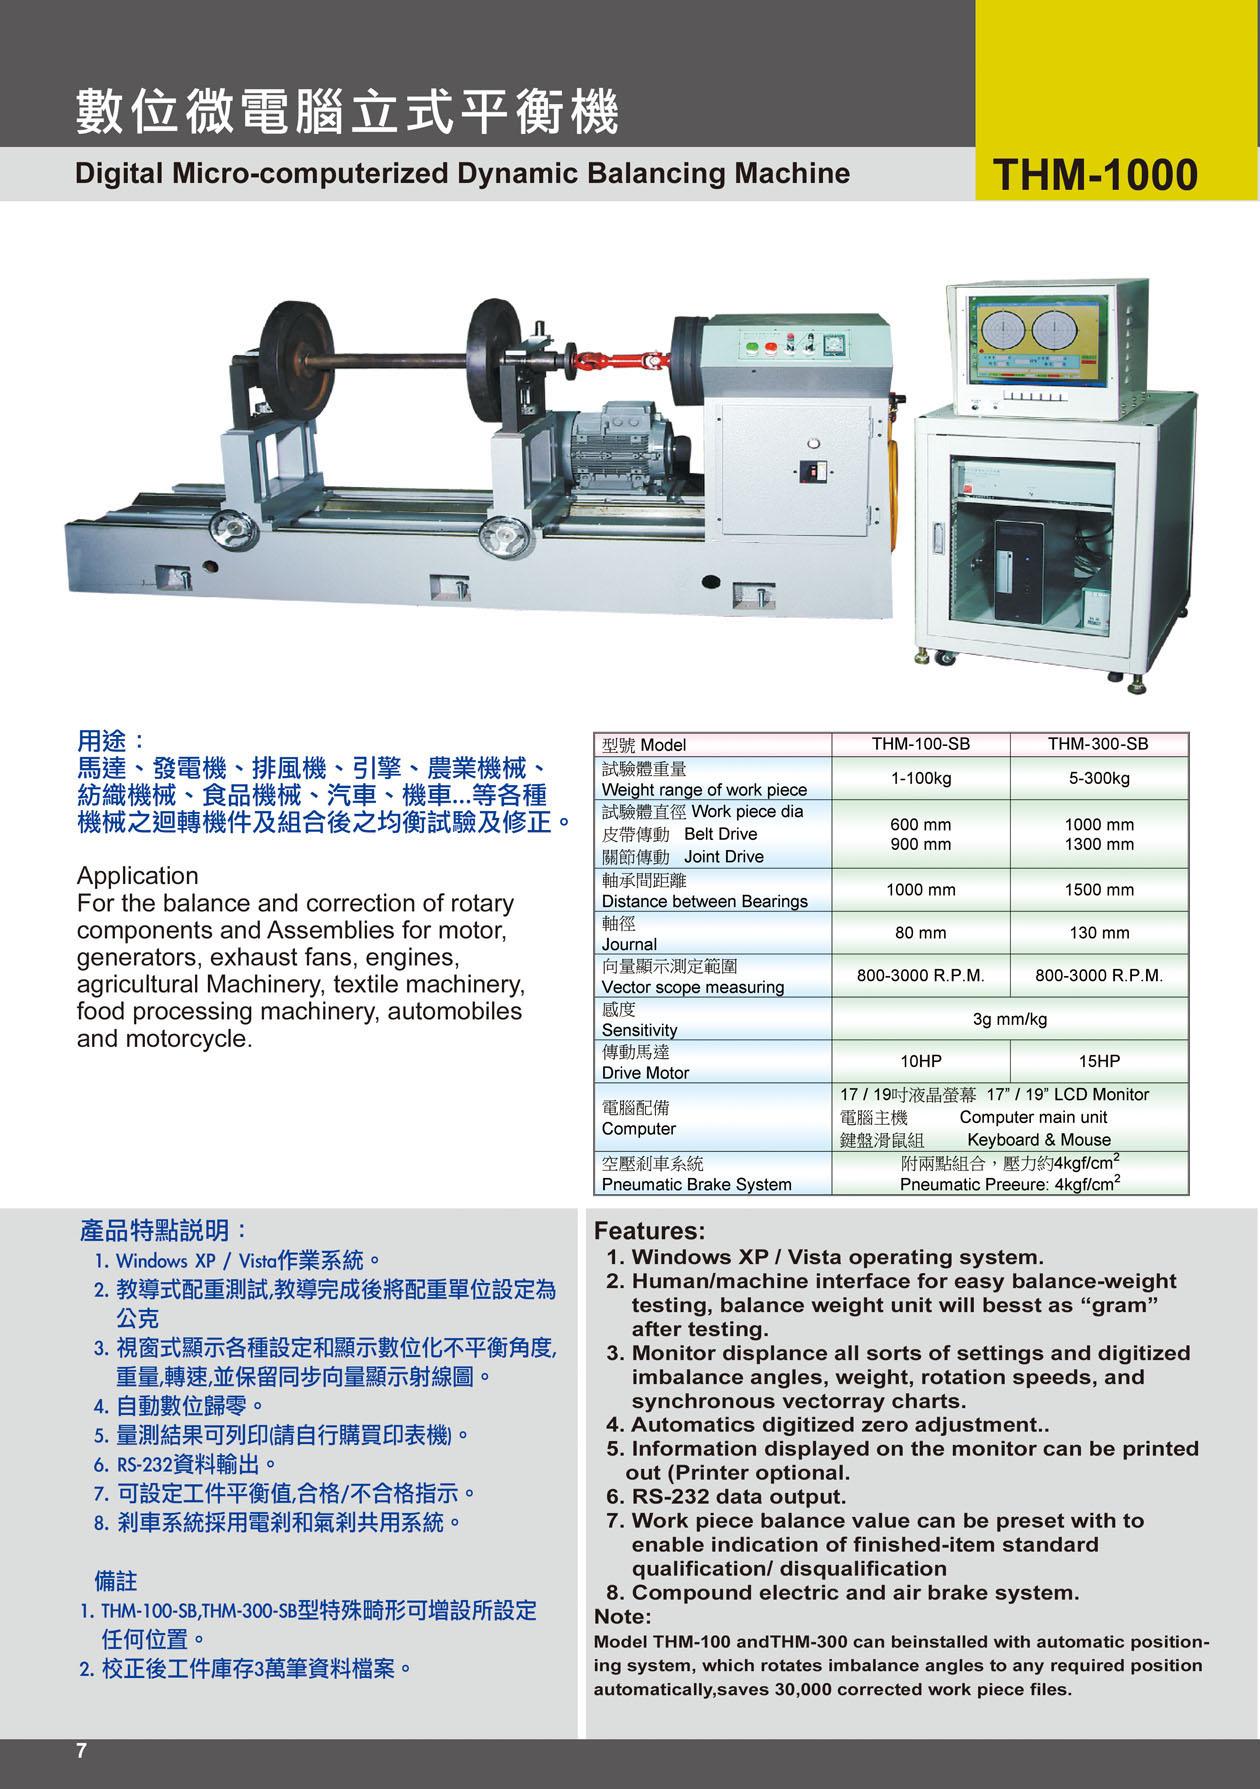 數位微電腦型立式動平衡機